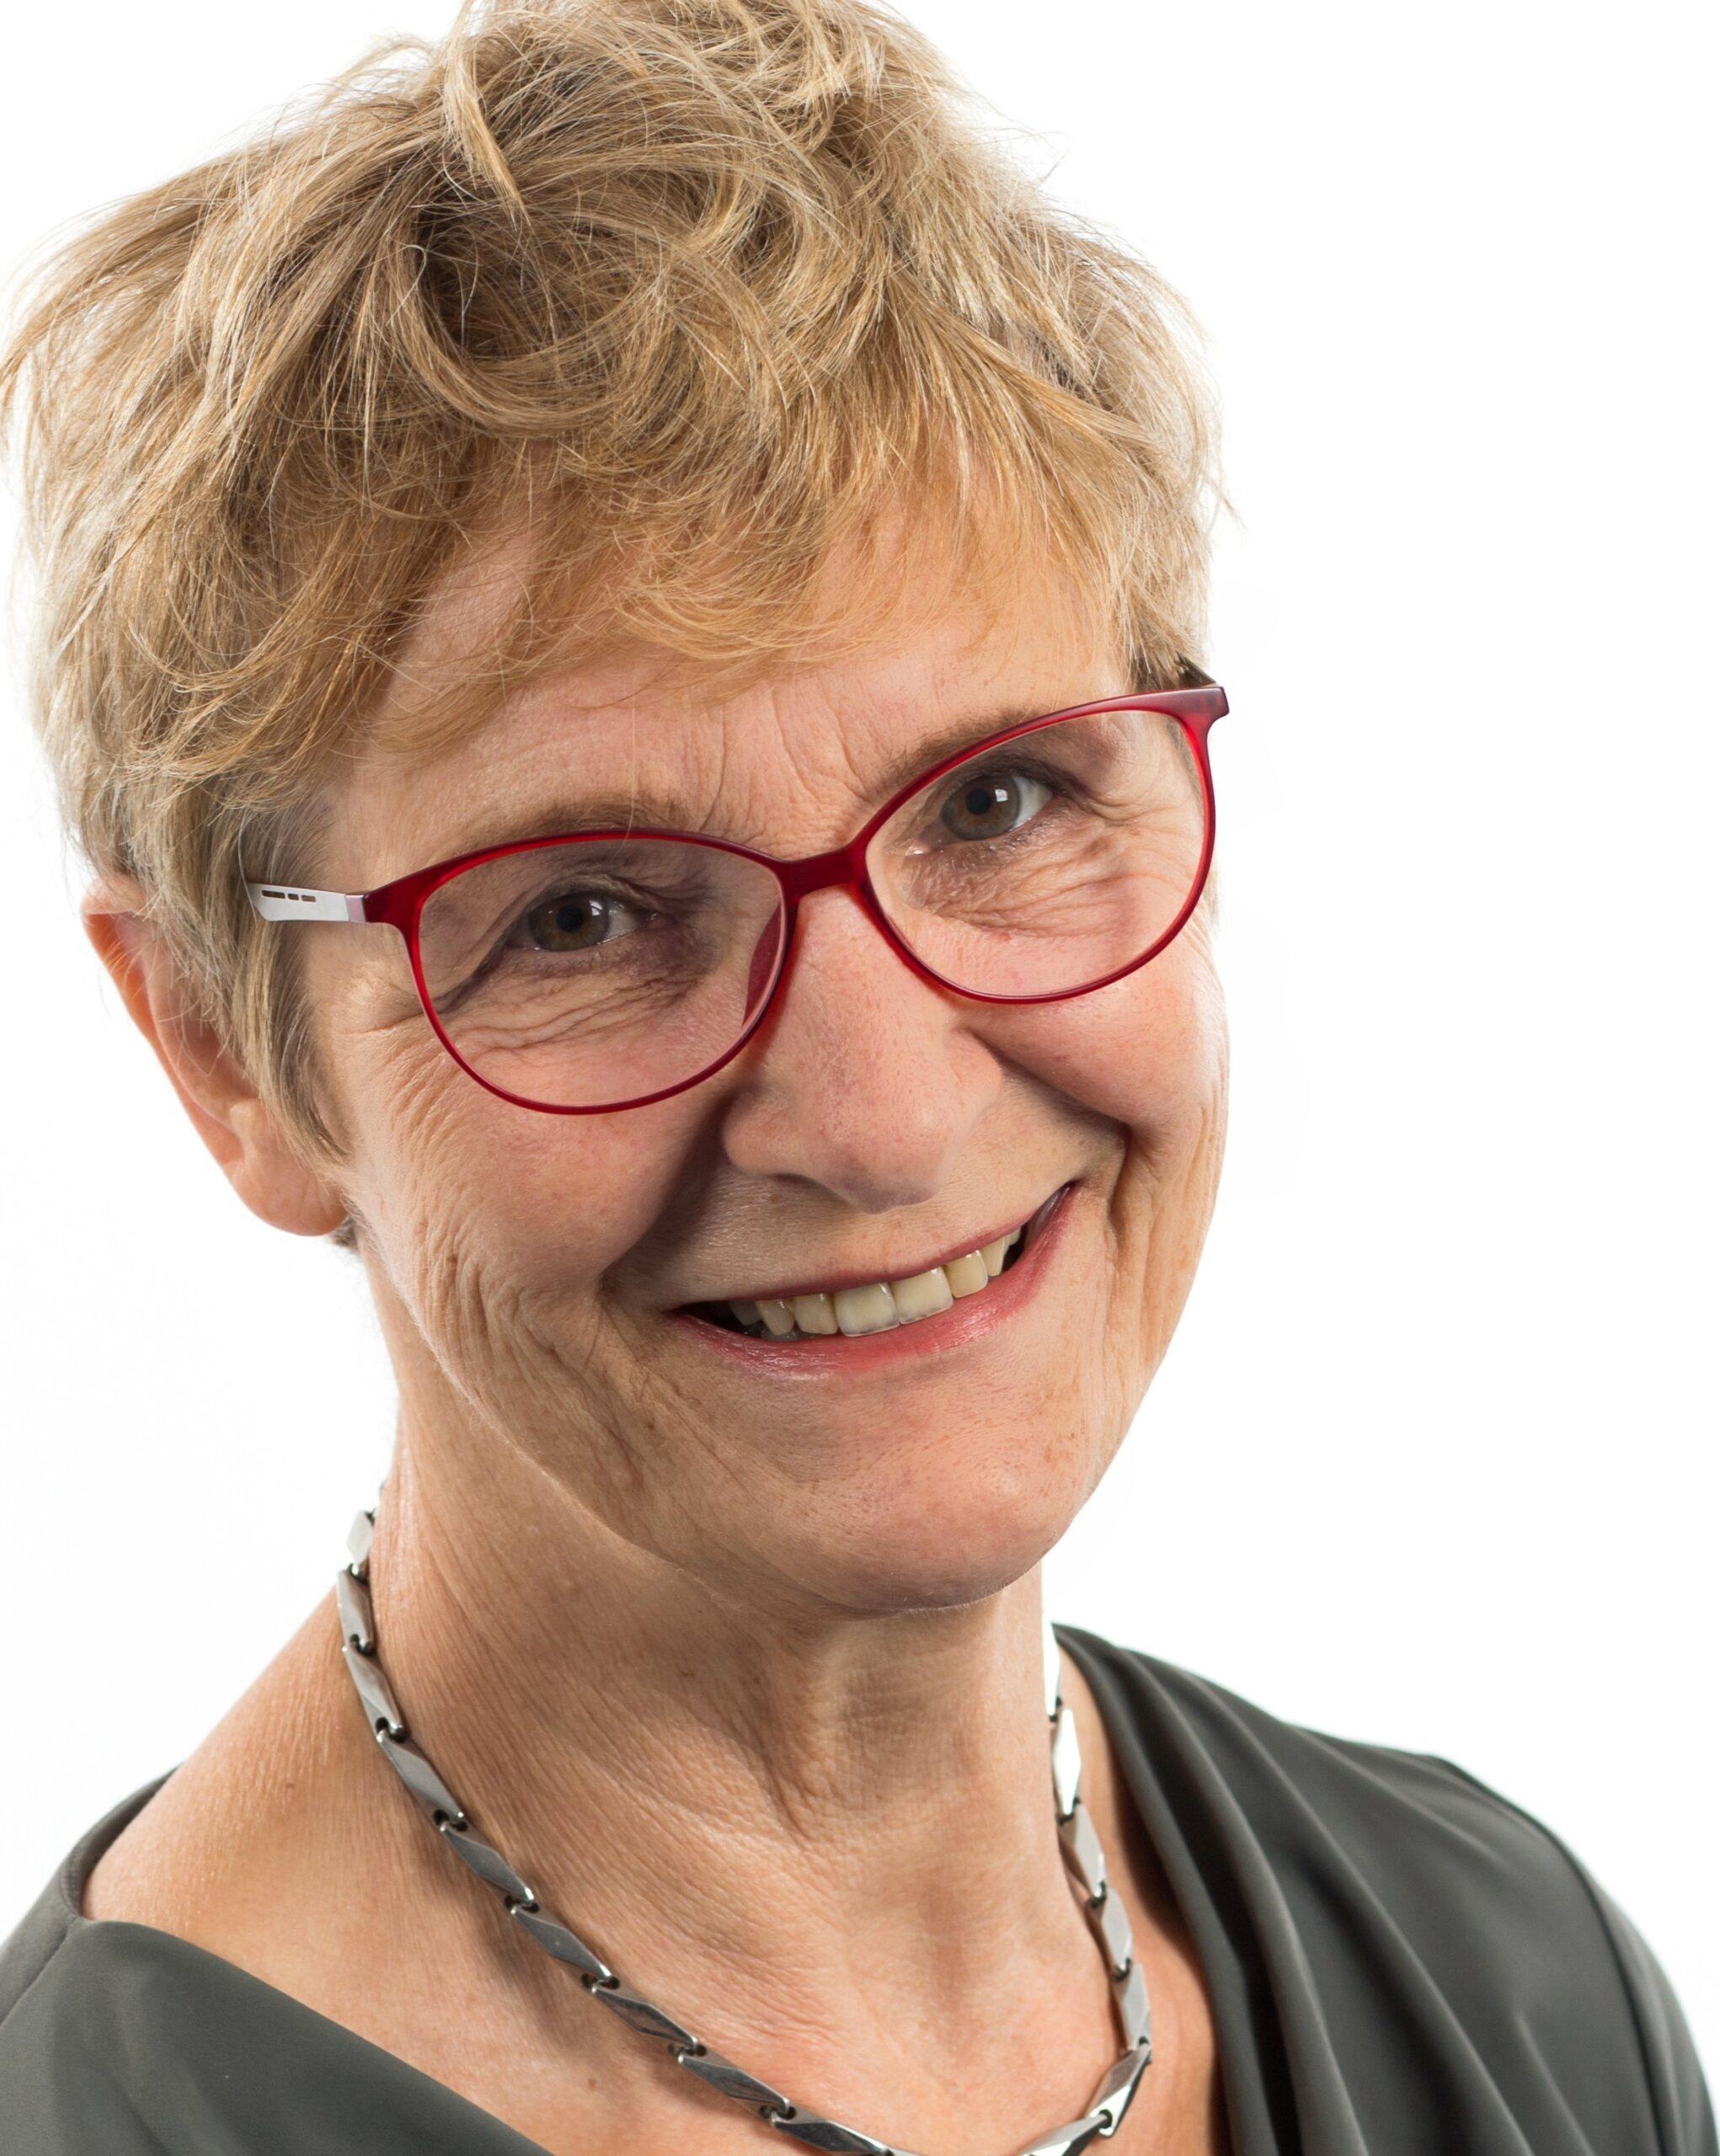 Jeanette RIjks, eenzaamheidsexpert